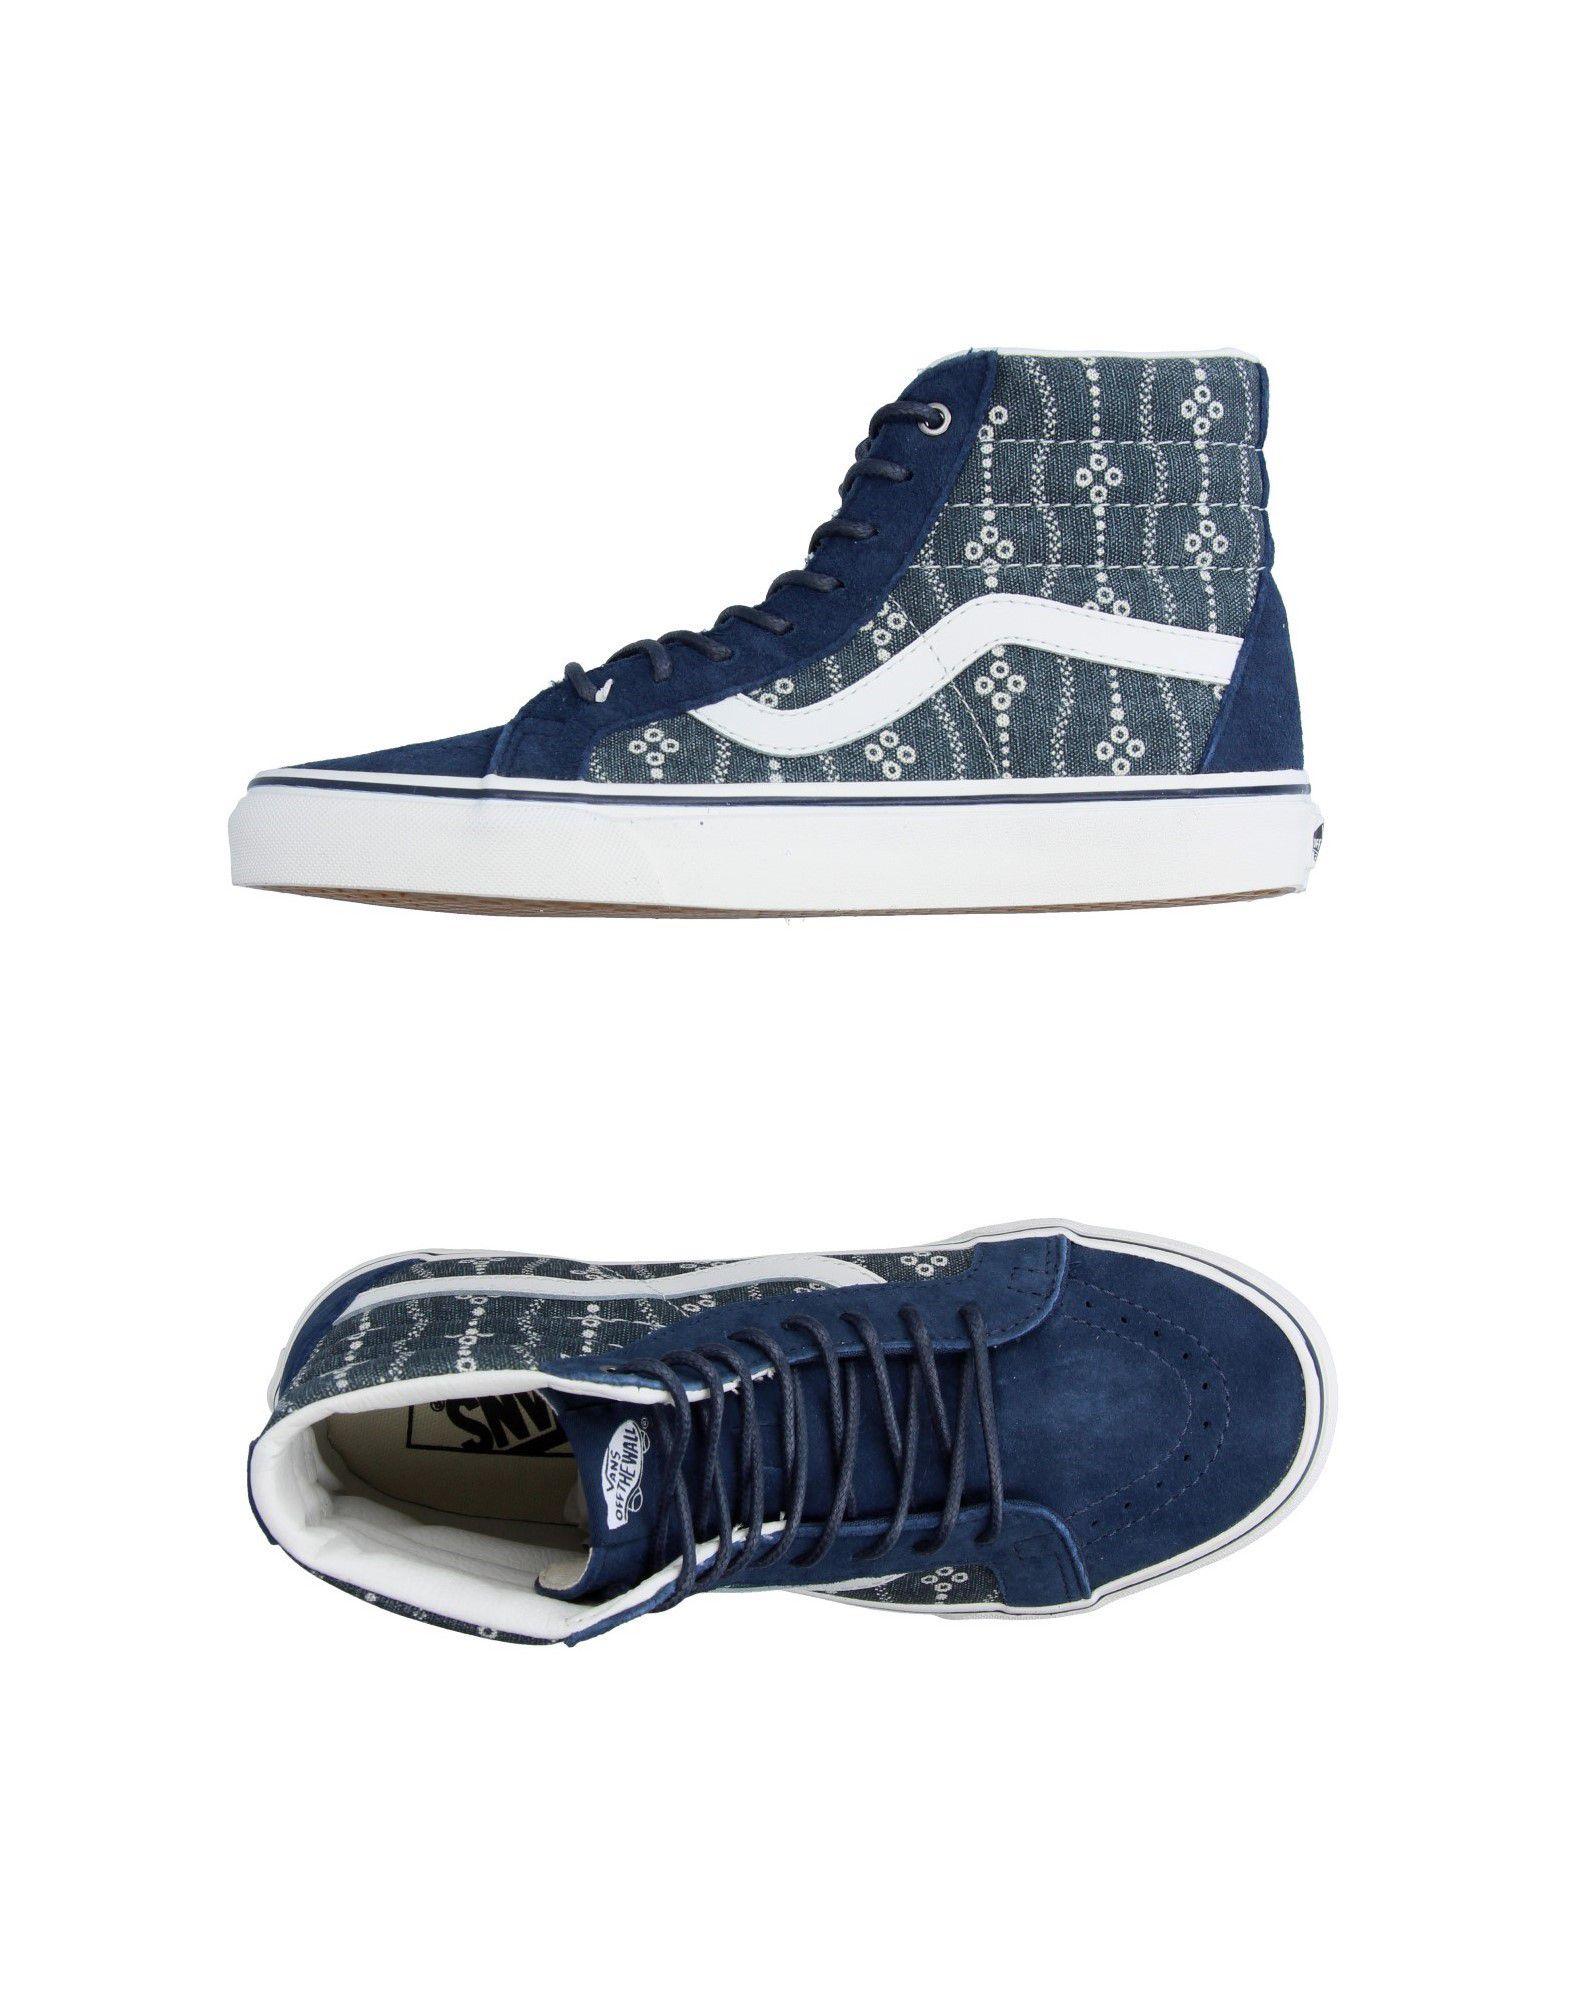 Vans Sneakers Sneakers - Men Vans Sneakers Vans online on  Australia - 11219805WX 9e2bb8